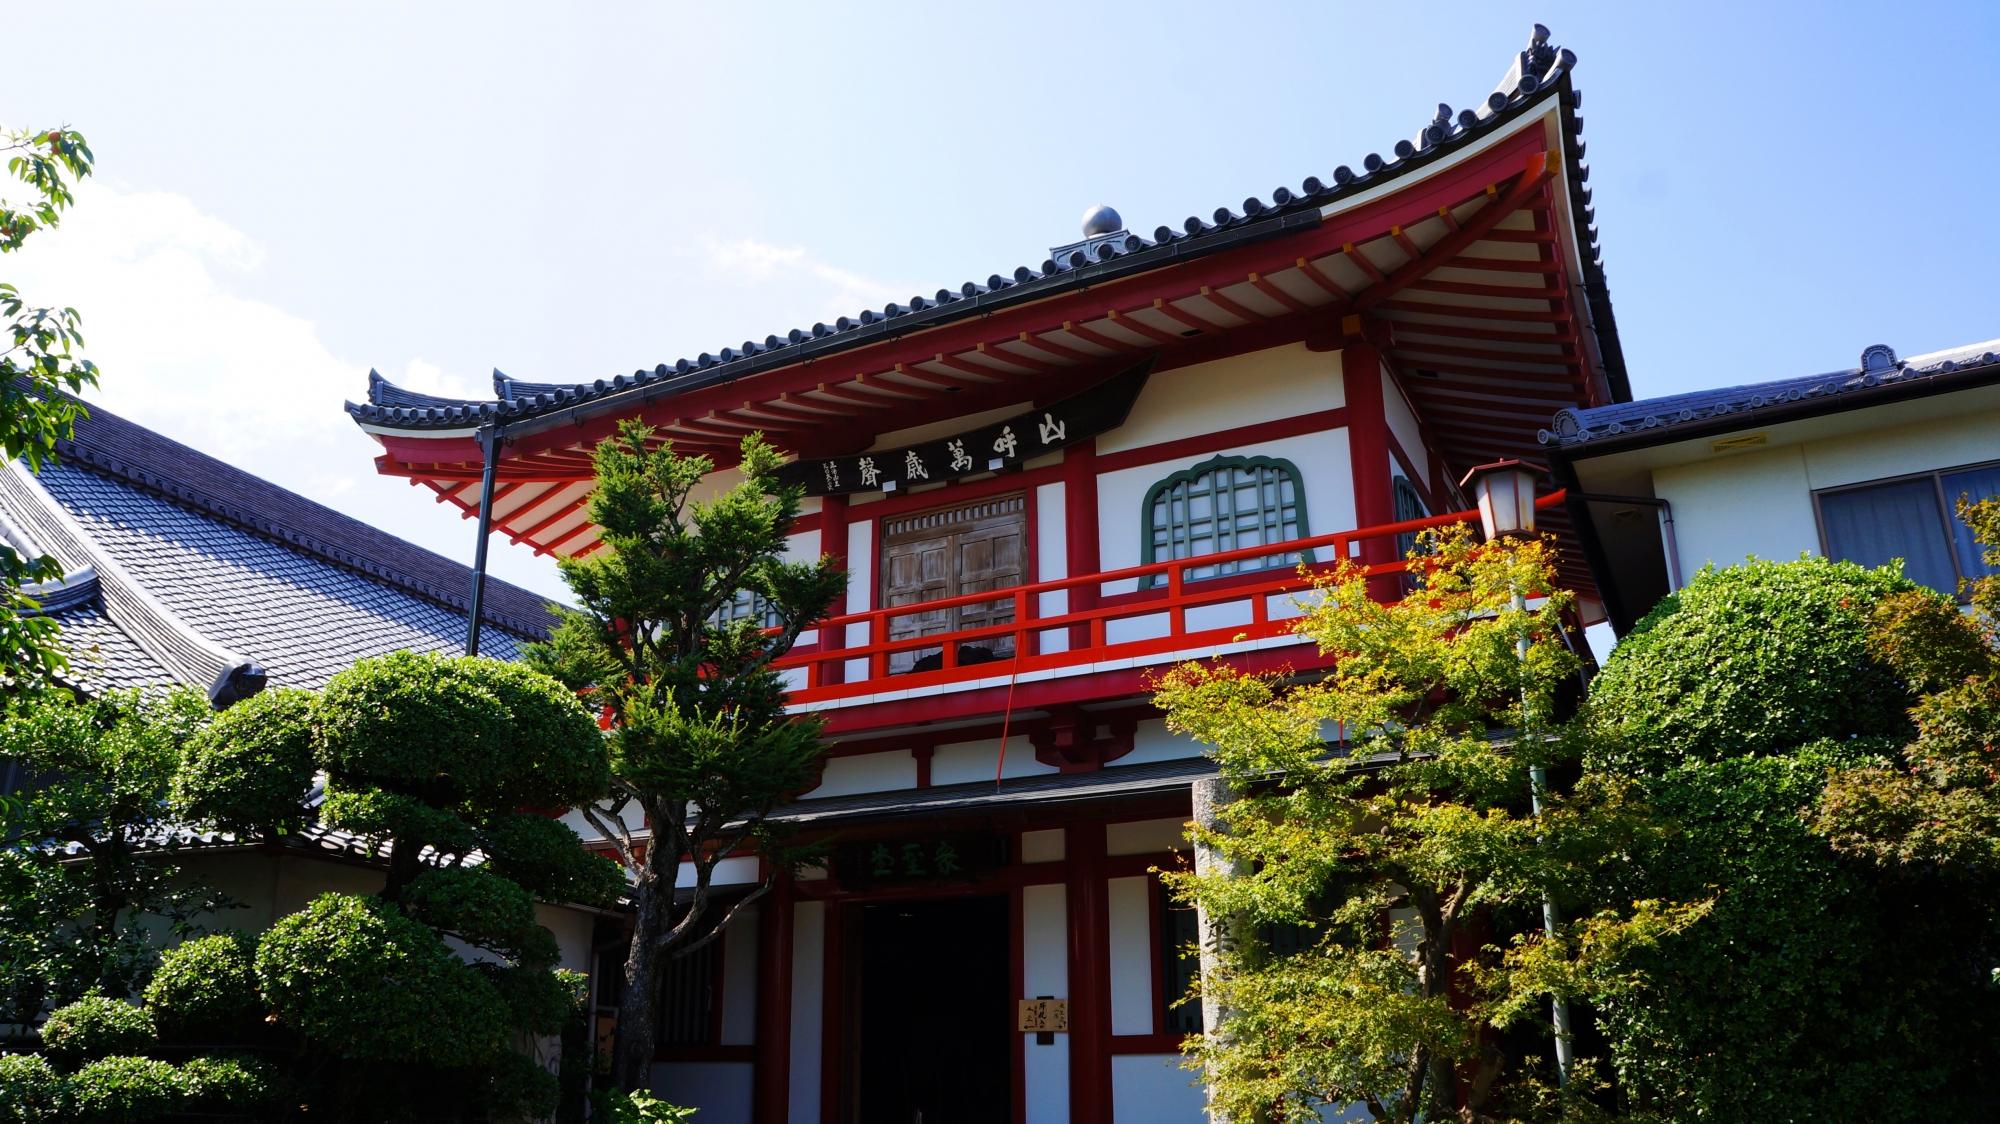 法輪寺(達磨寺)の朱色と白の上品な建物である衆聖堂